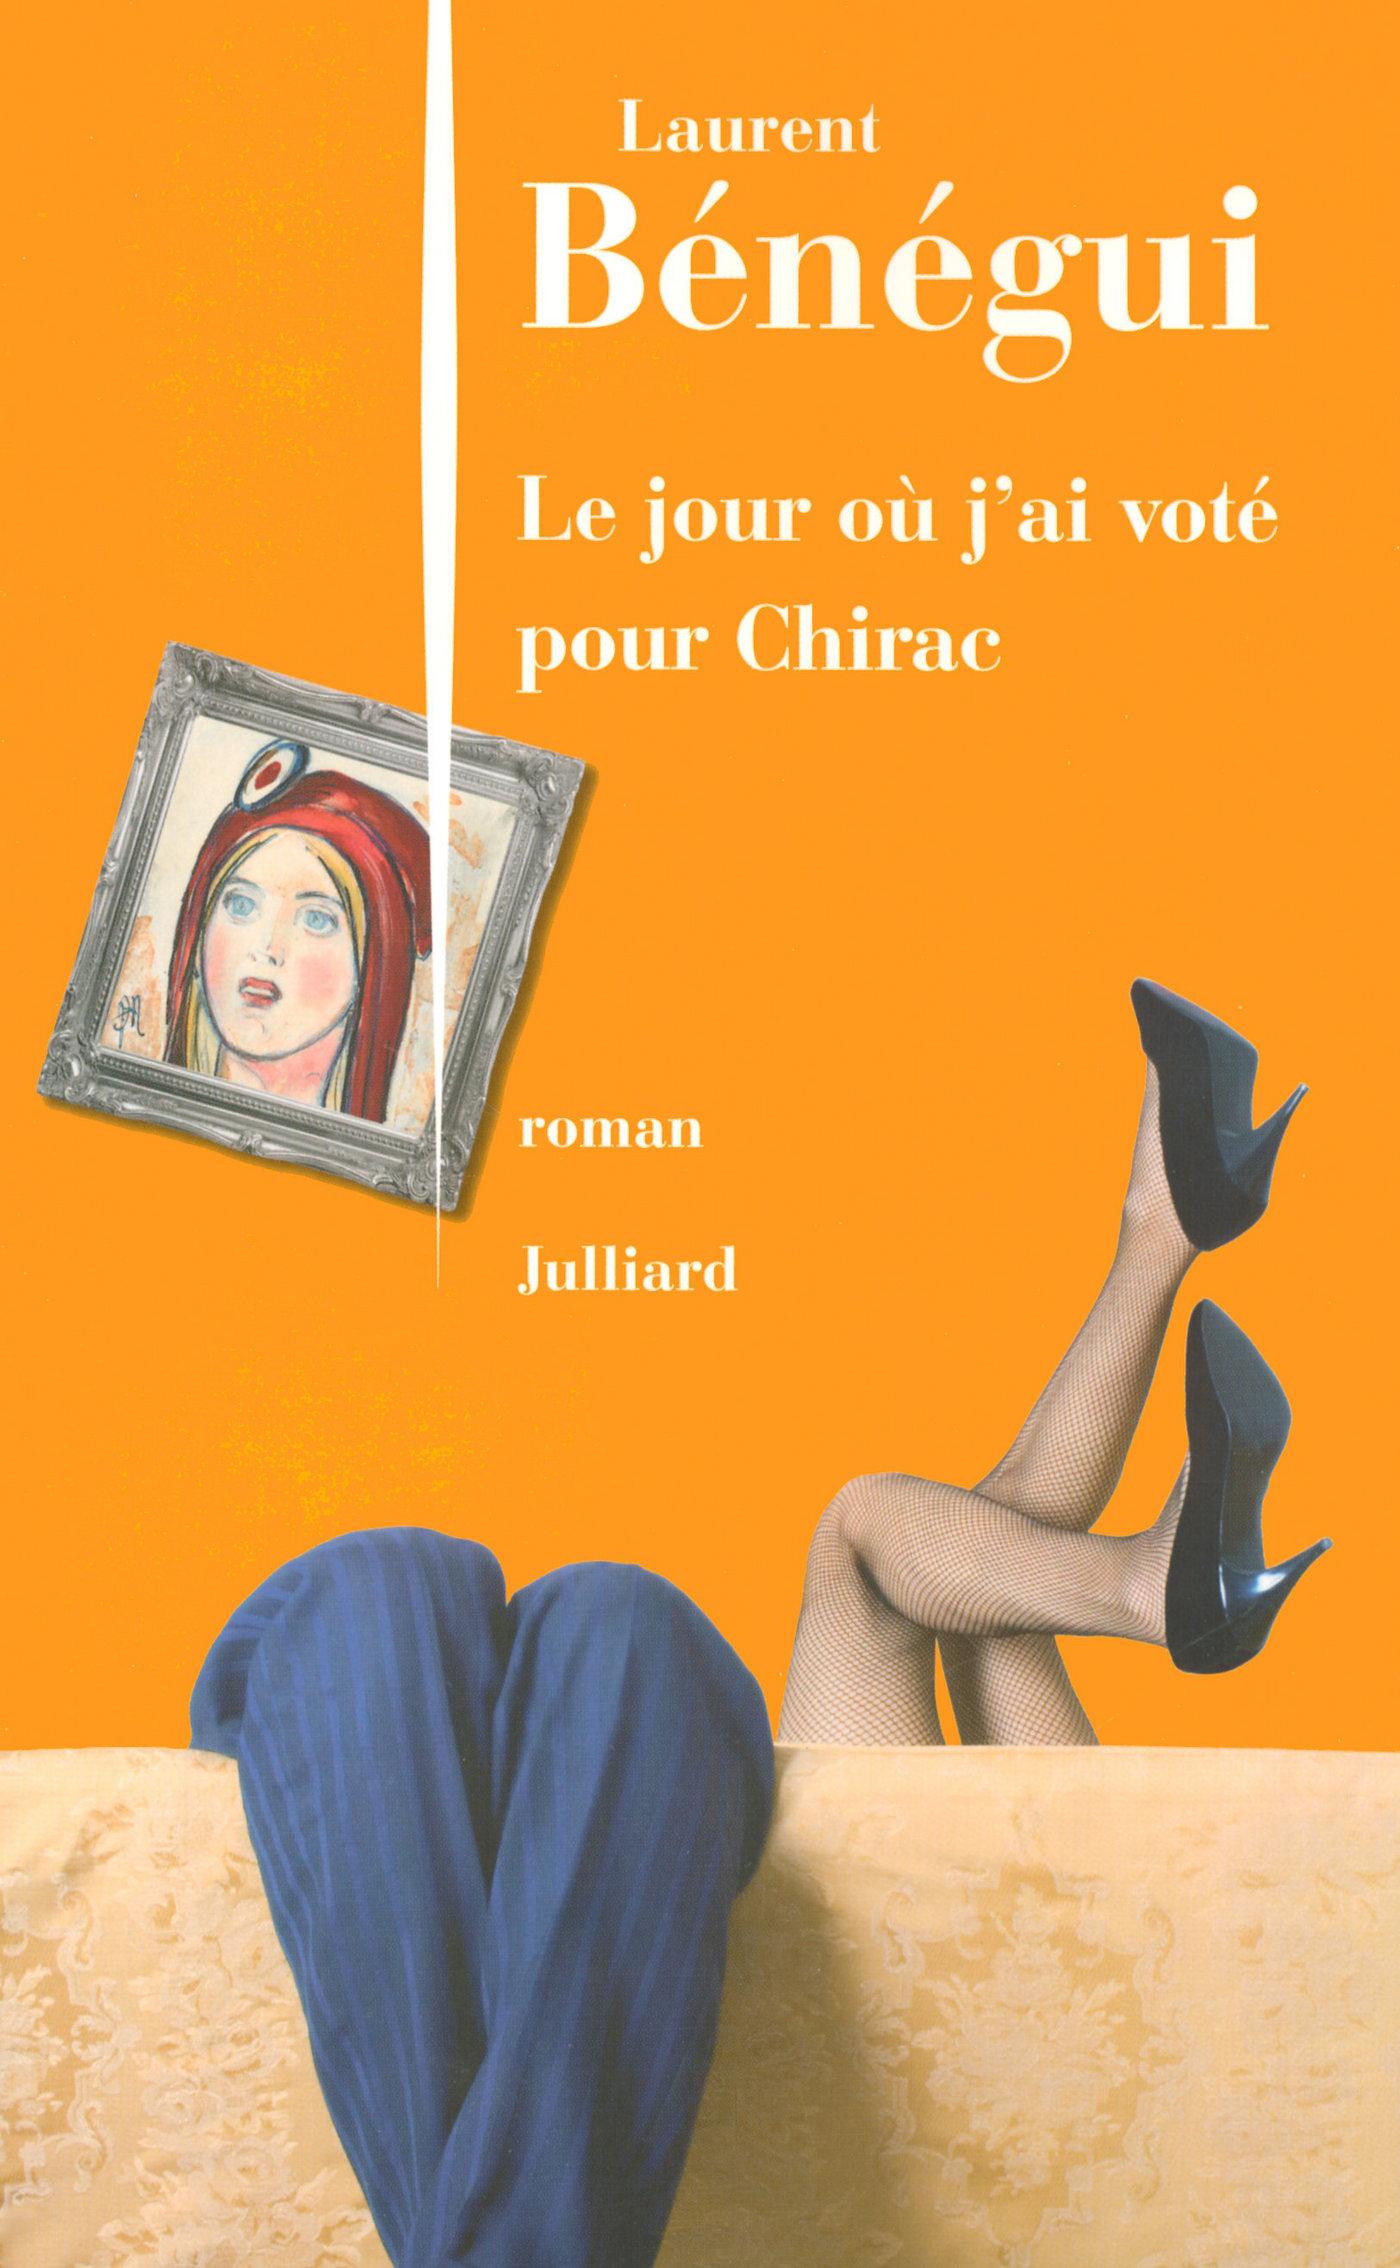 Le Jour o? j'ai vot? pour Chirac